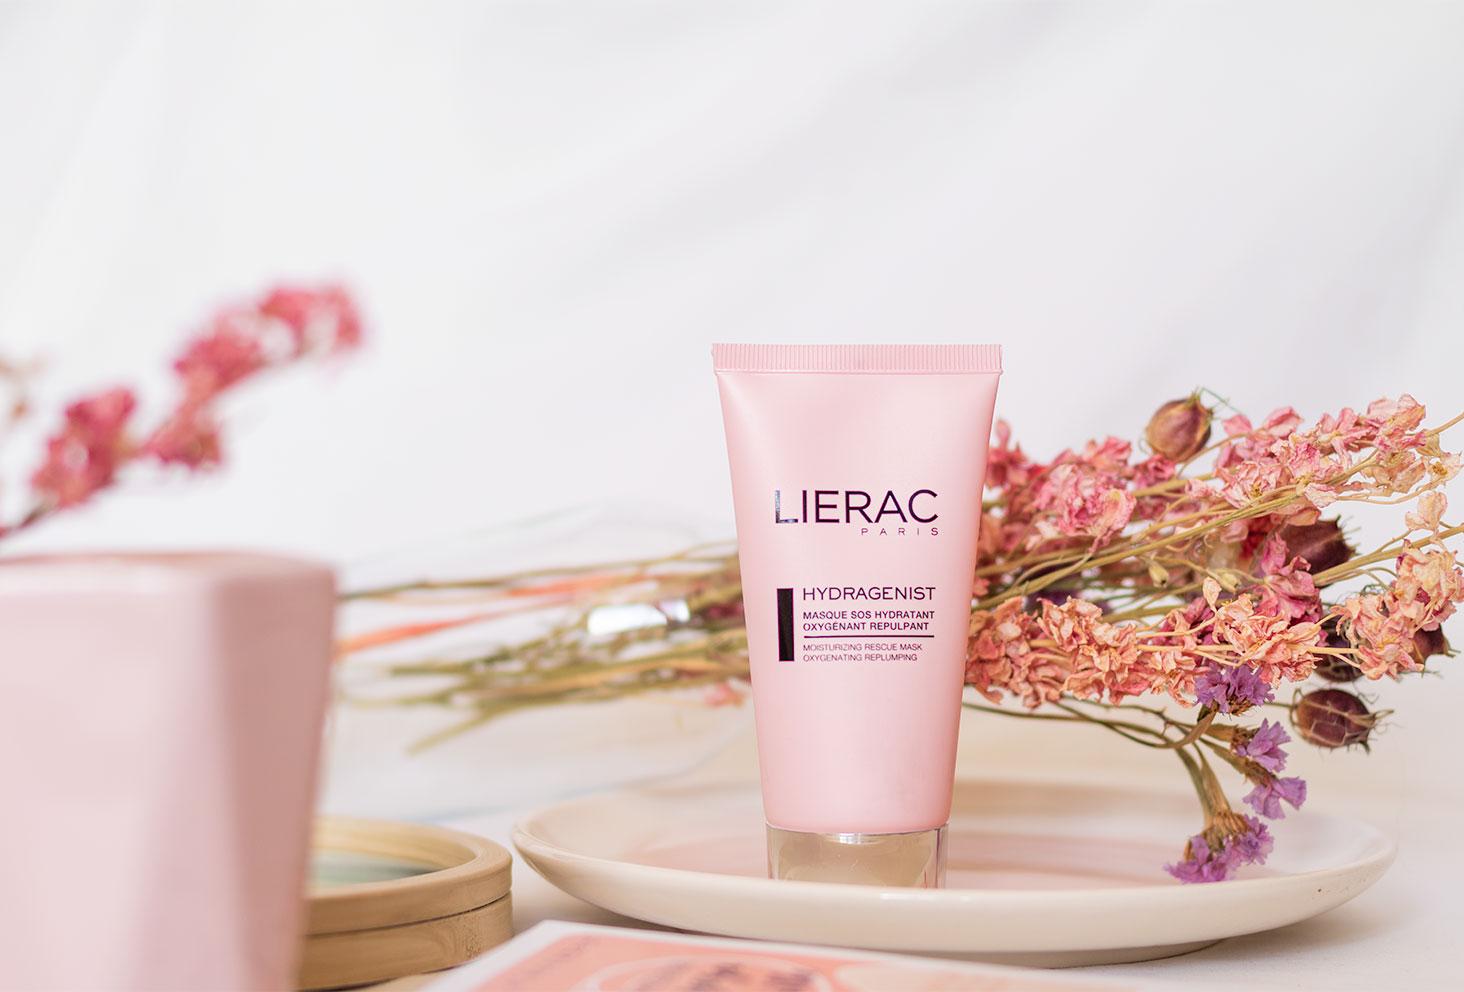 Le masque hydratant de Lierac posé dans une assiette rose en verre devant un bouquet de fleurs séchées roses